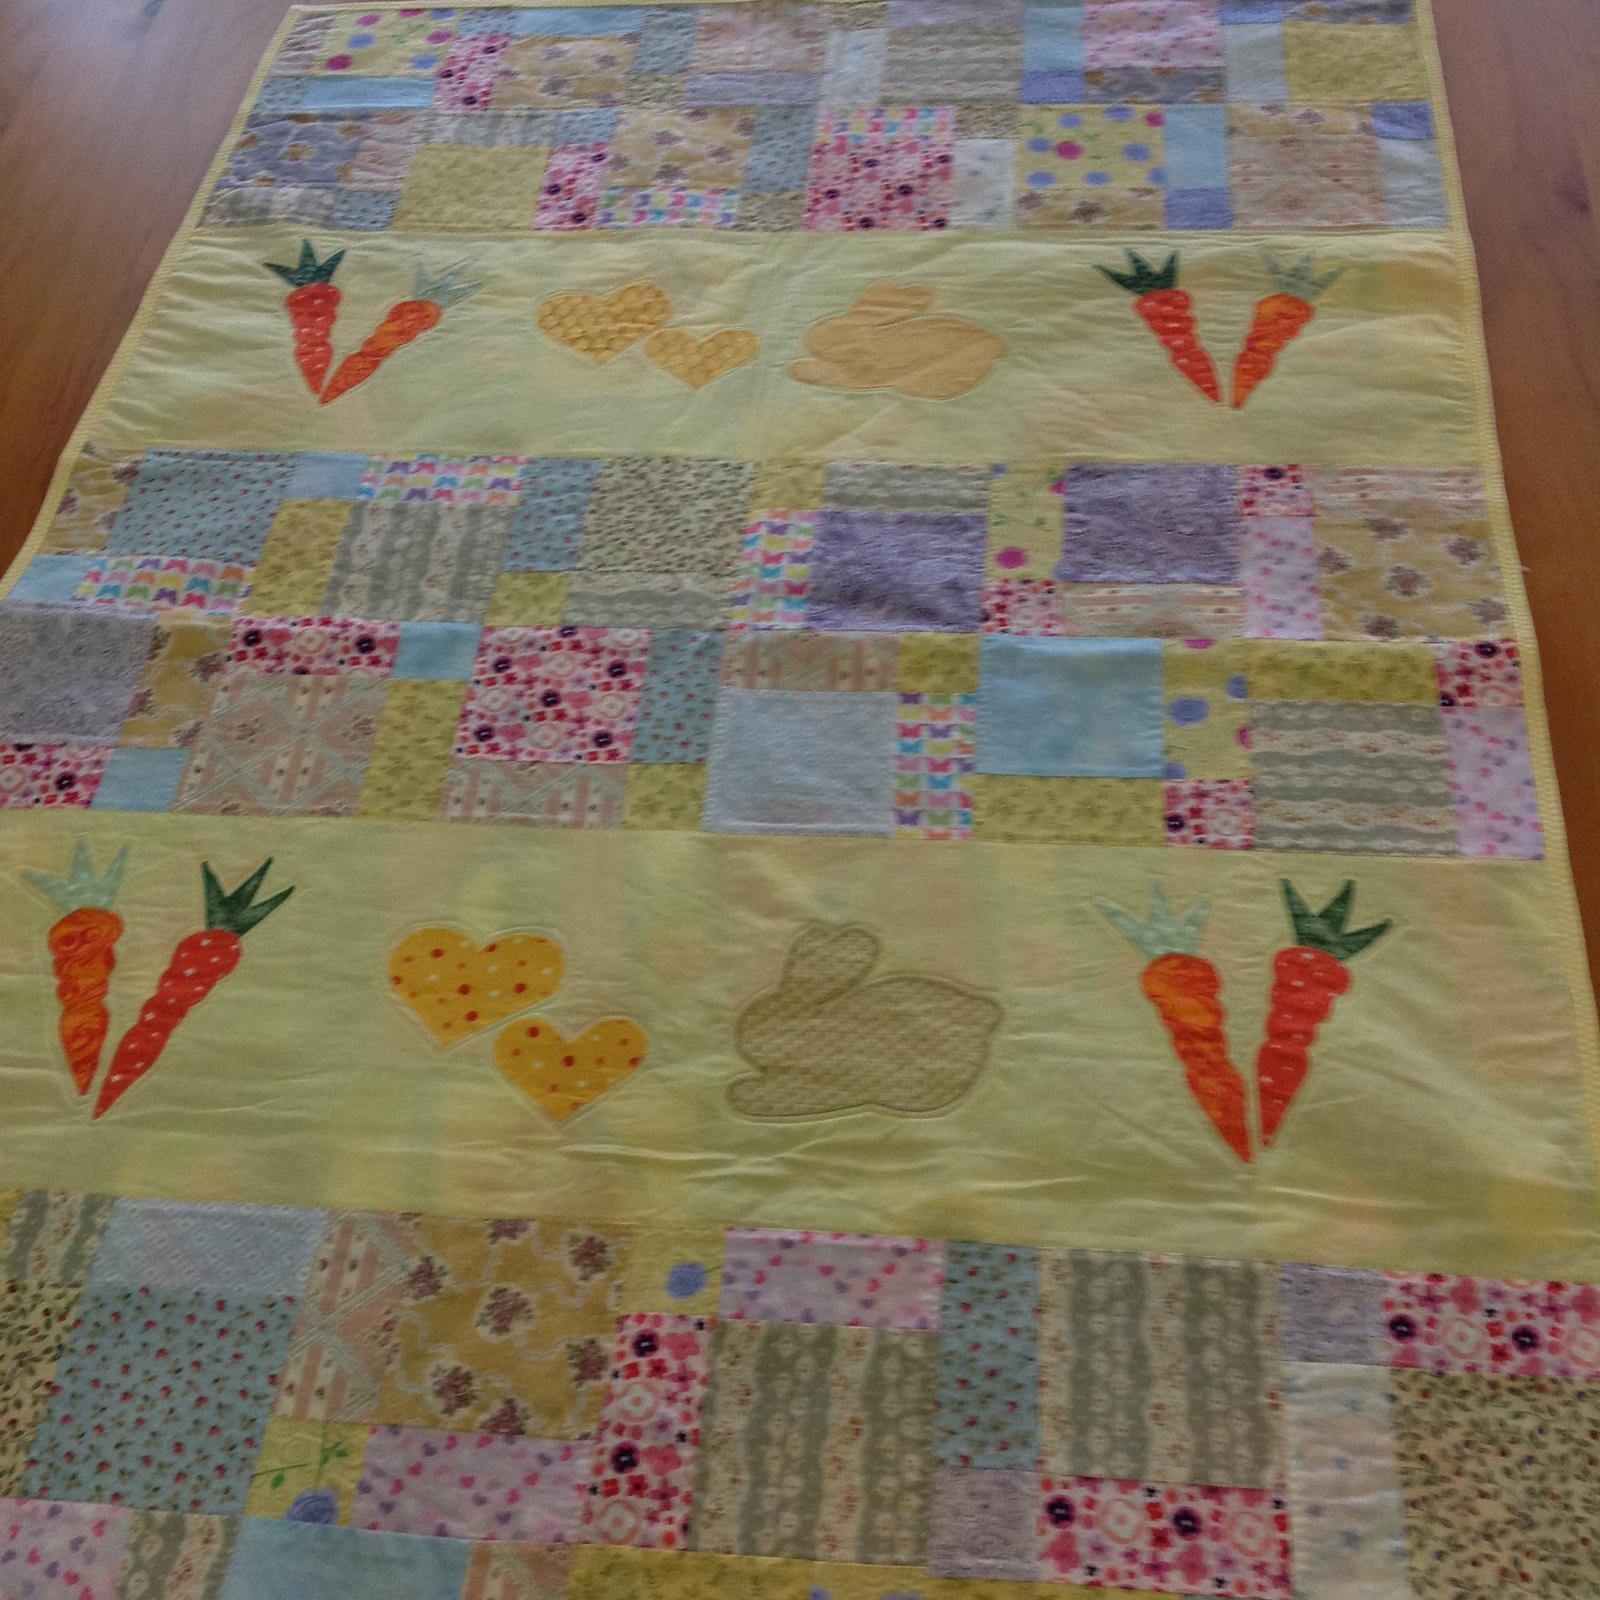 Grandma's quilts - cot quilt